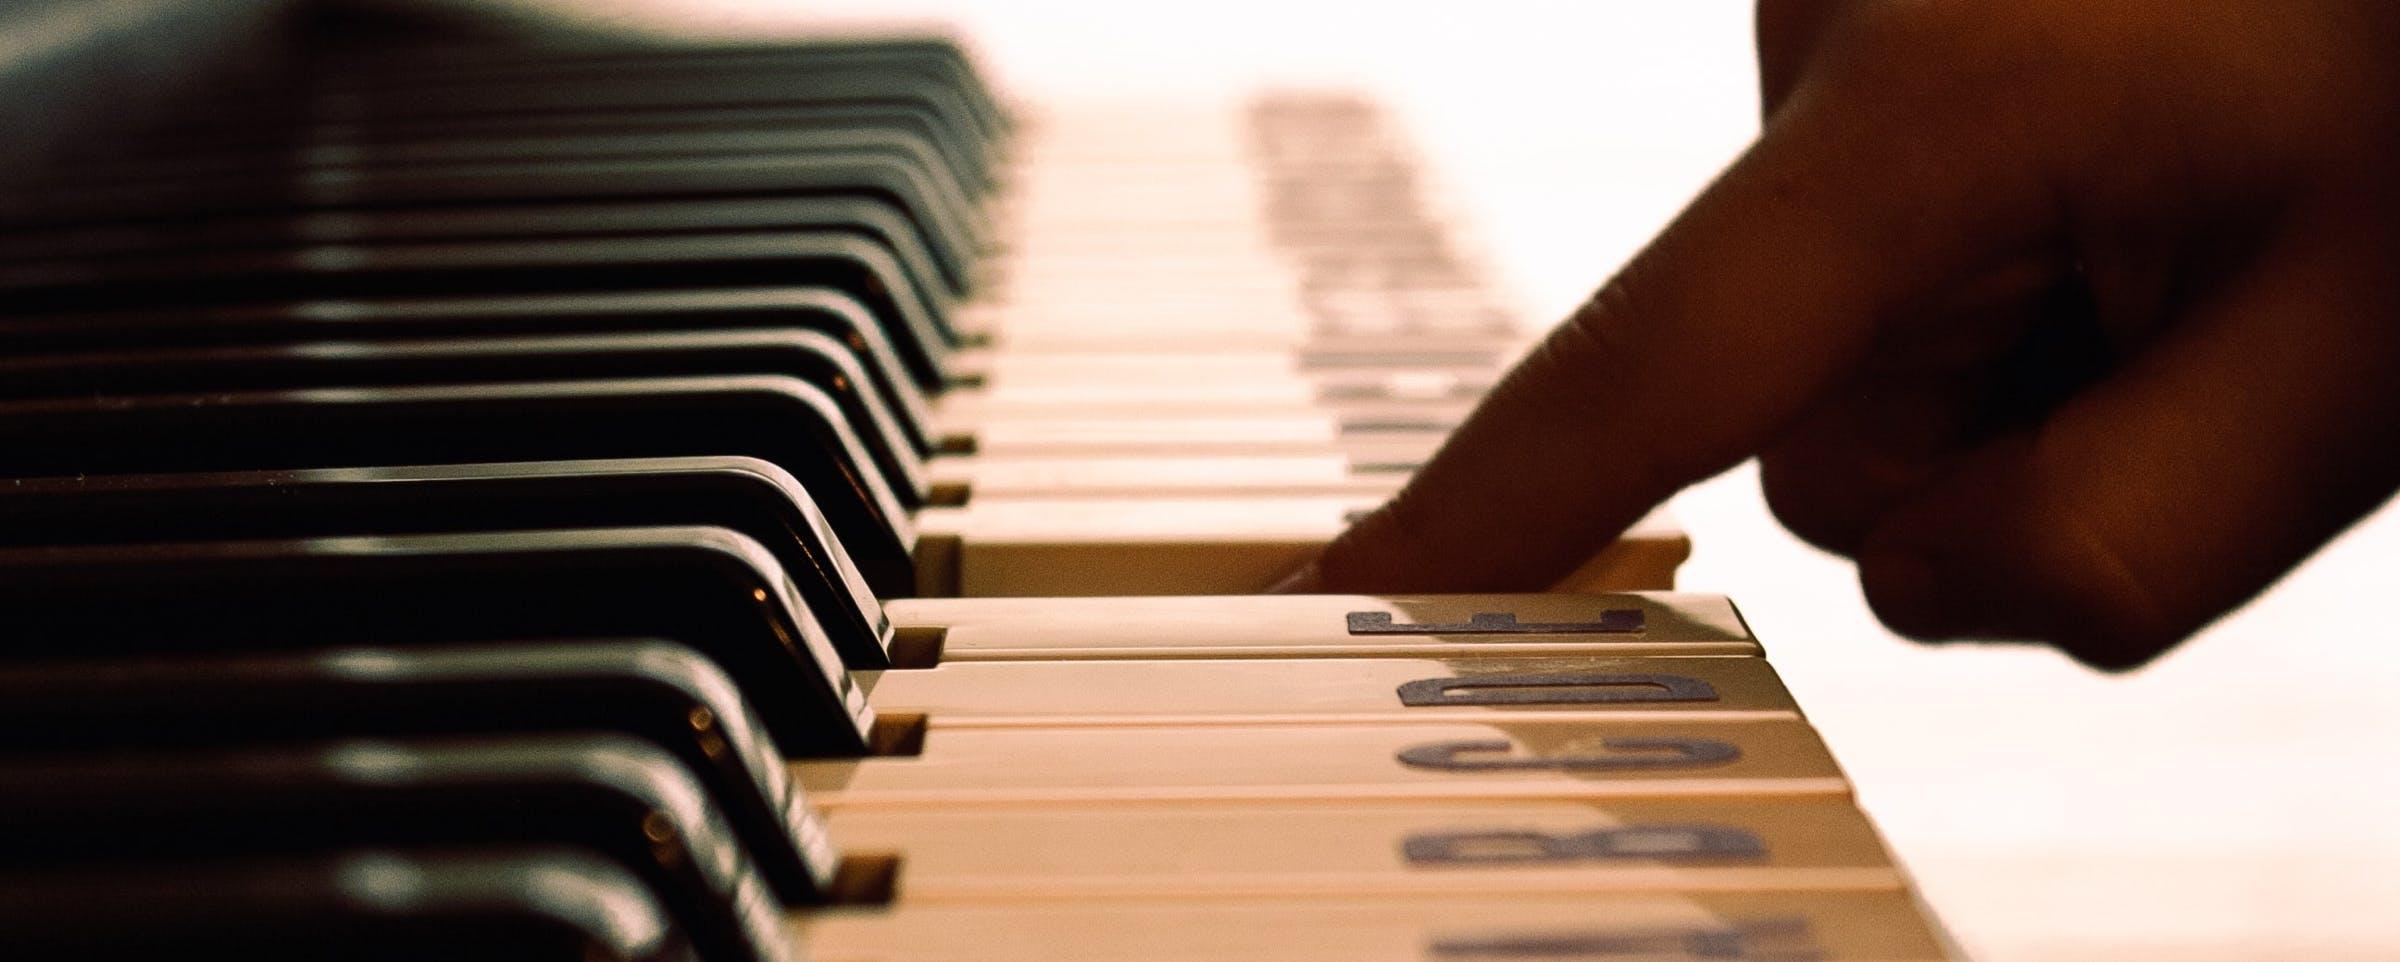 Klavier mit einem Finger spielen